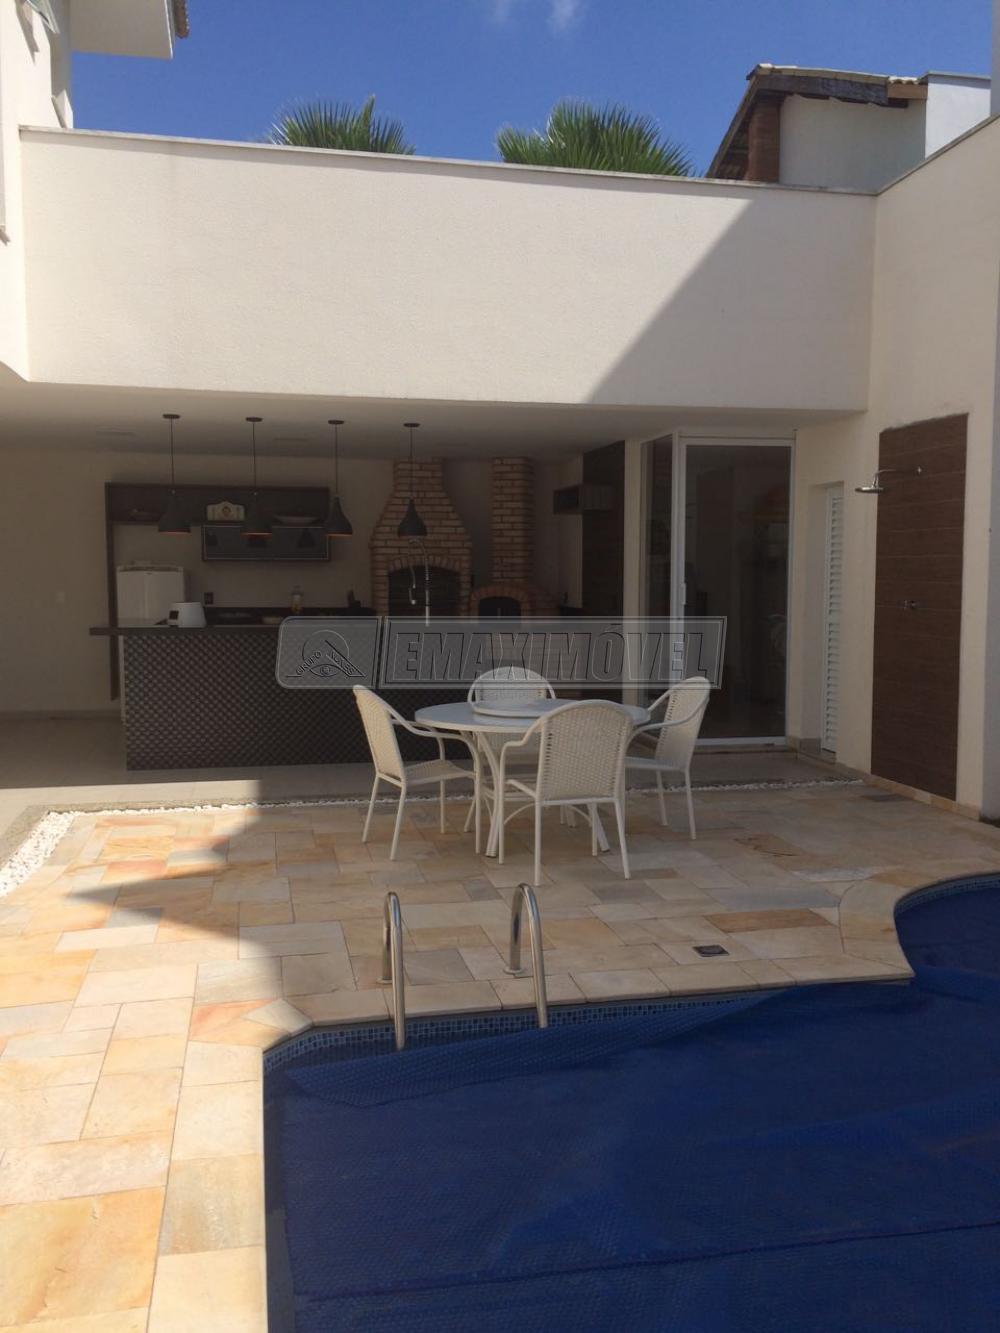 Comprar Casas / em Condomínios em Sorocaba R$ 1.900.000,00 - Foto 11